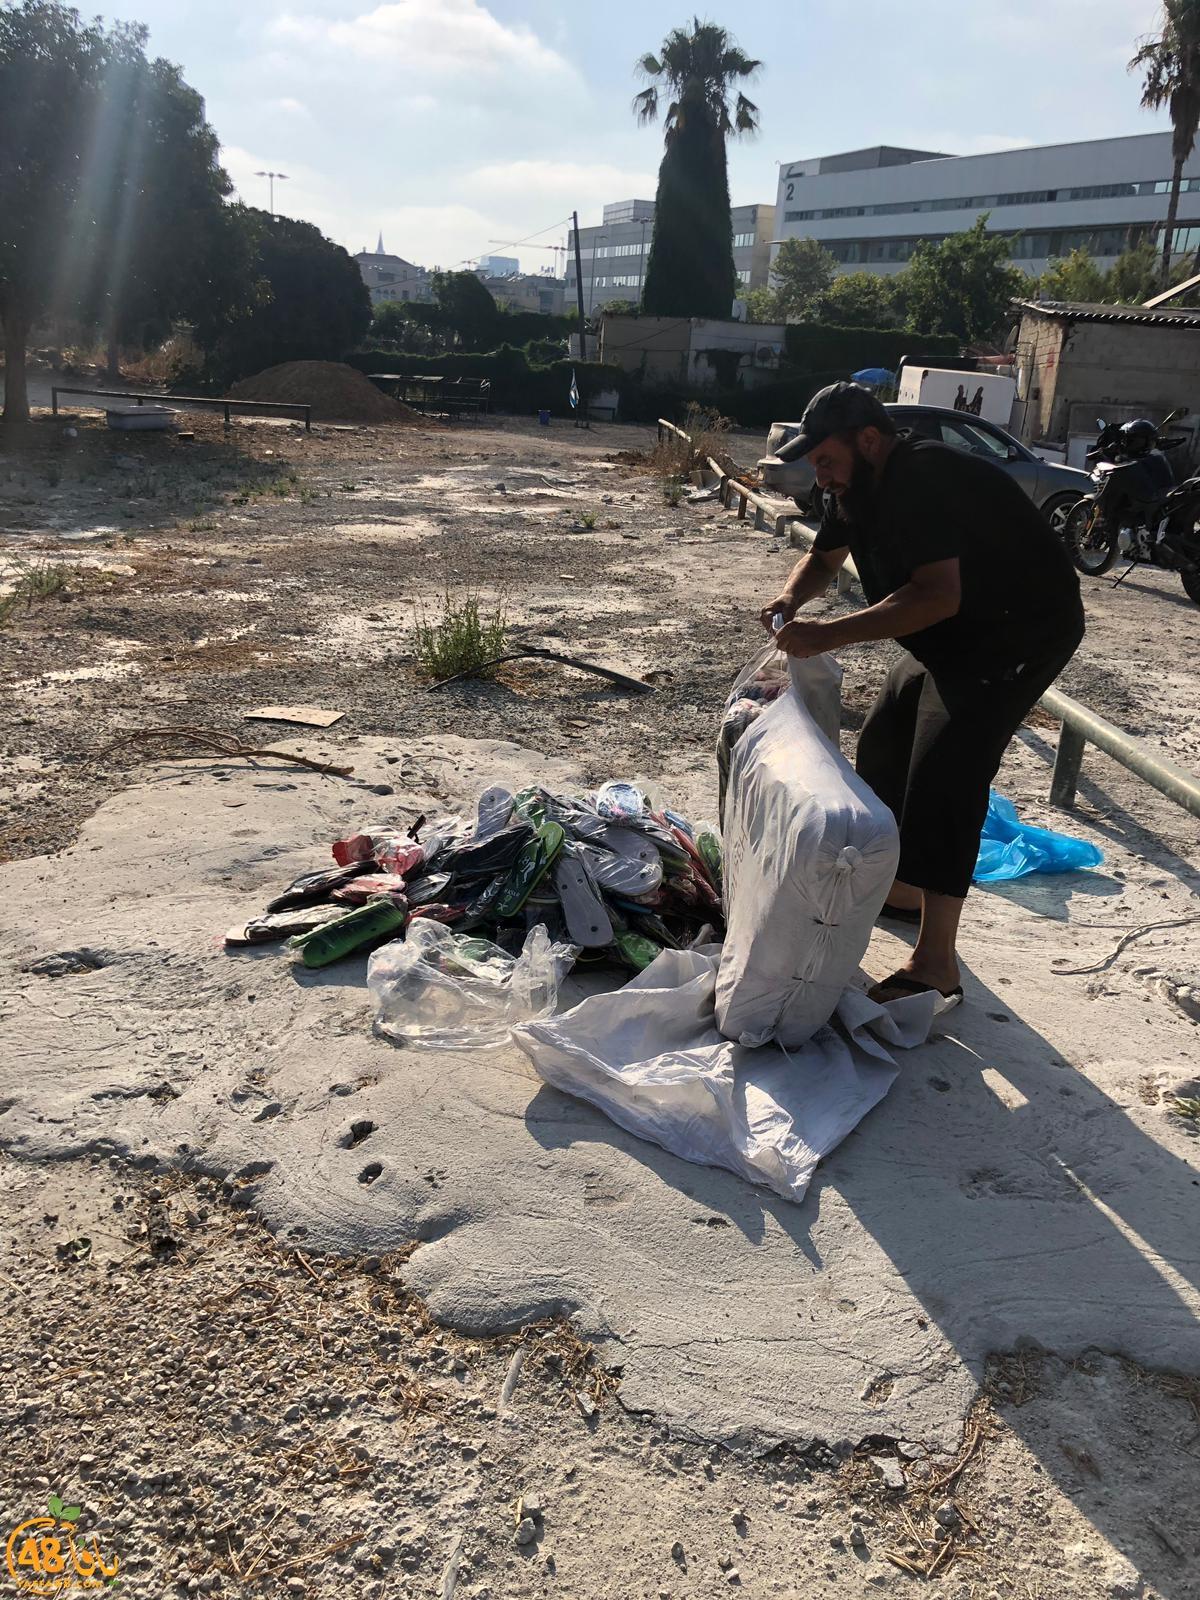 في ردة فعل سريعة - شباب يافا يحرقون أحذية طُبع عليها شعار التوحيد ولفظ الجلالة